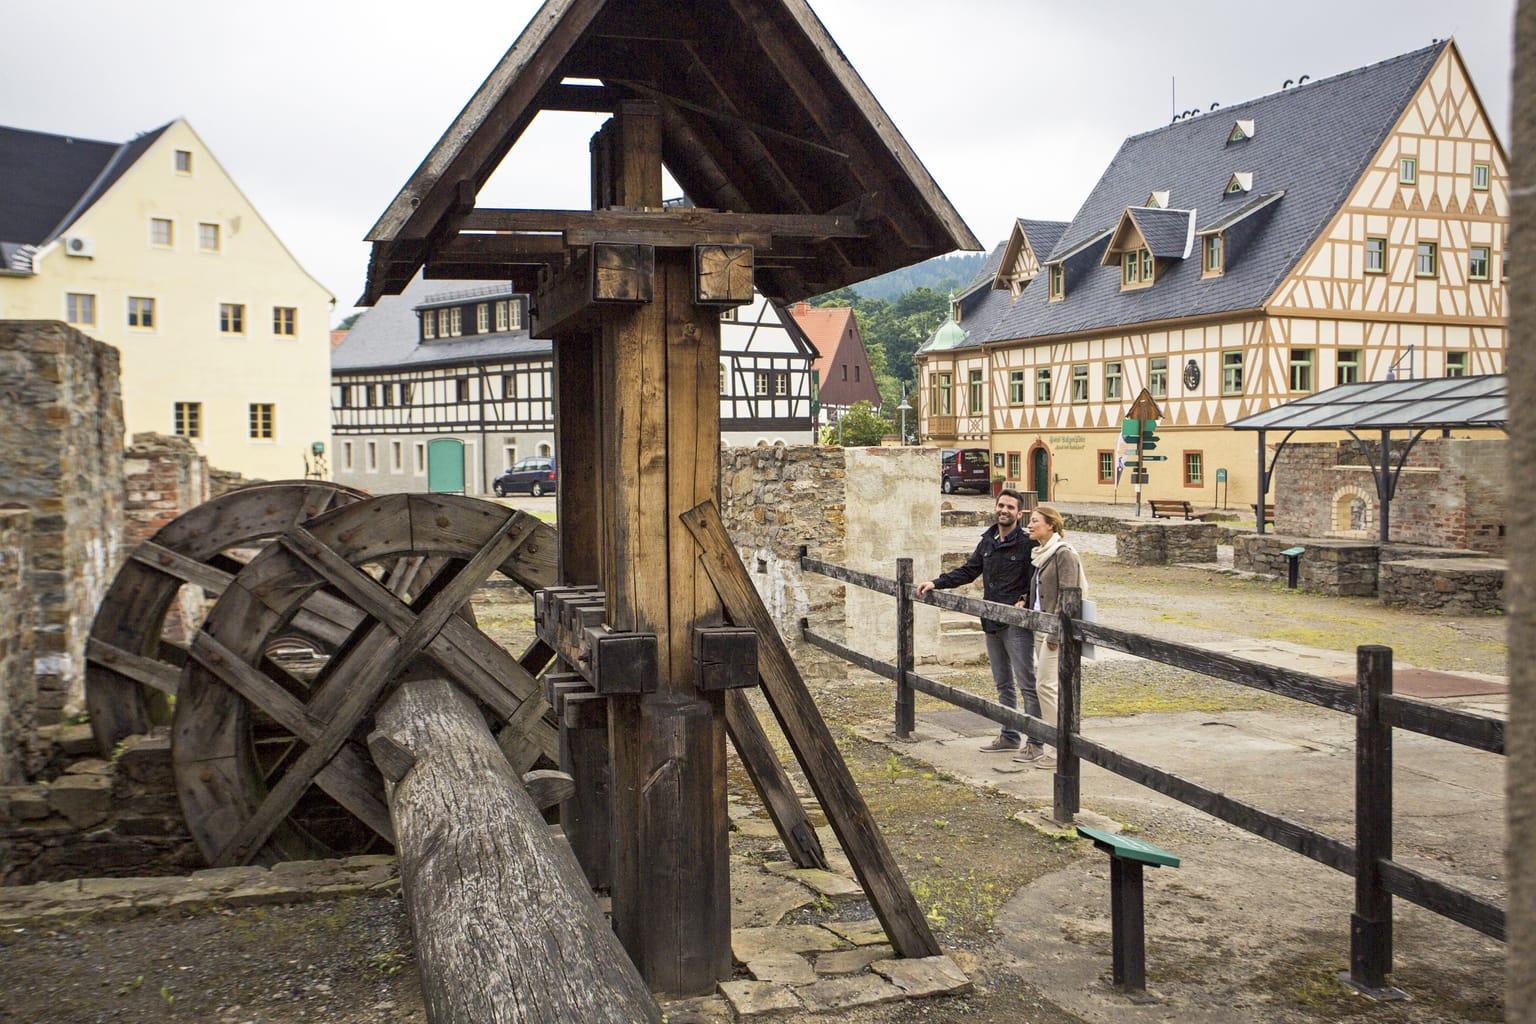 De Saigerhütte in het stadje Olbernhau in Saksen